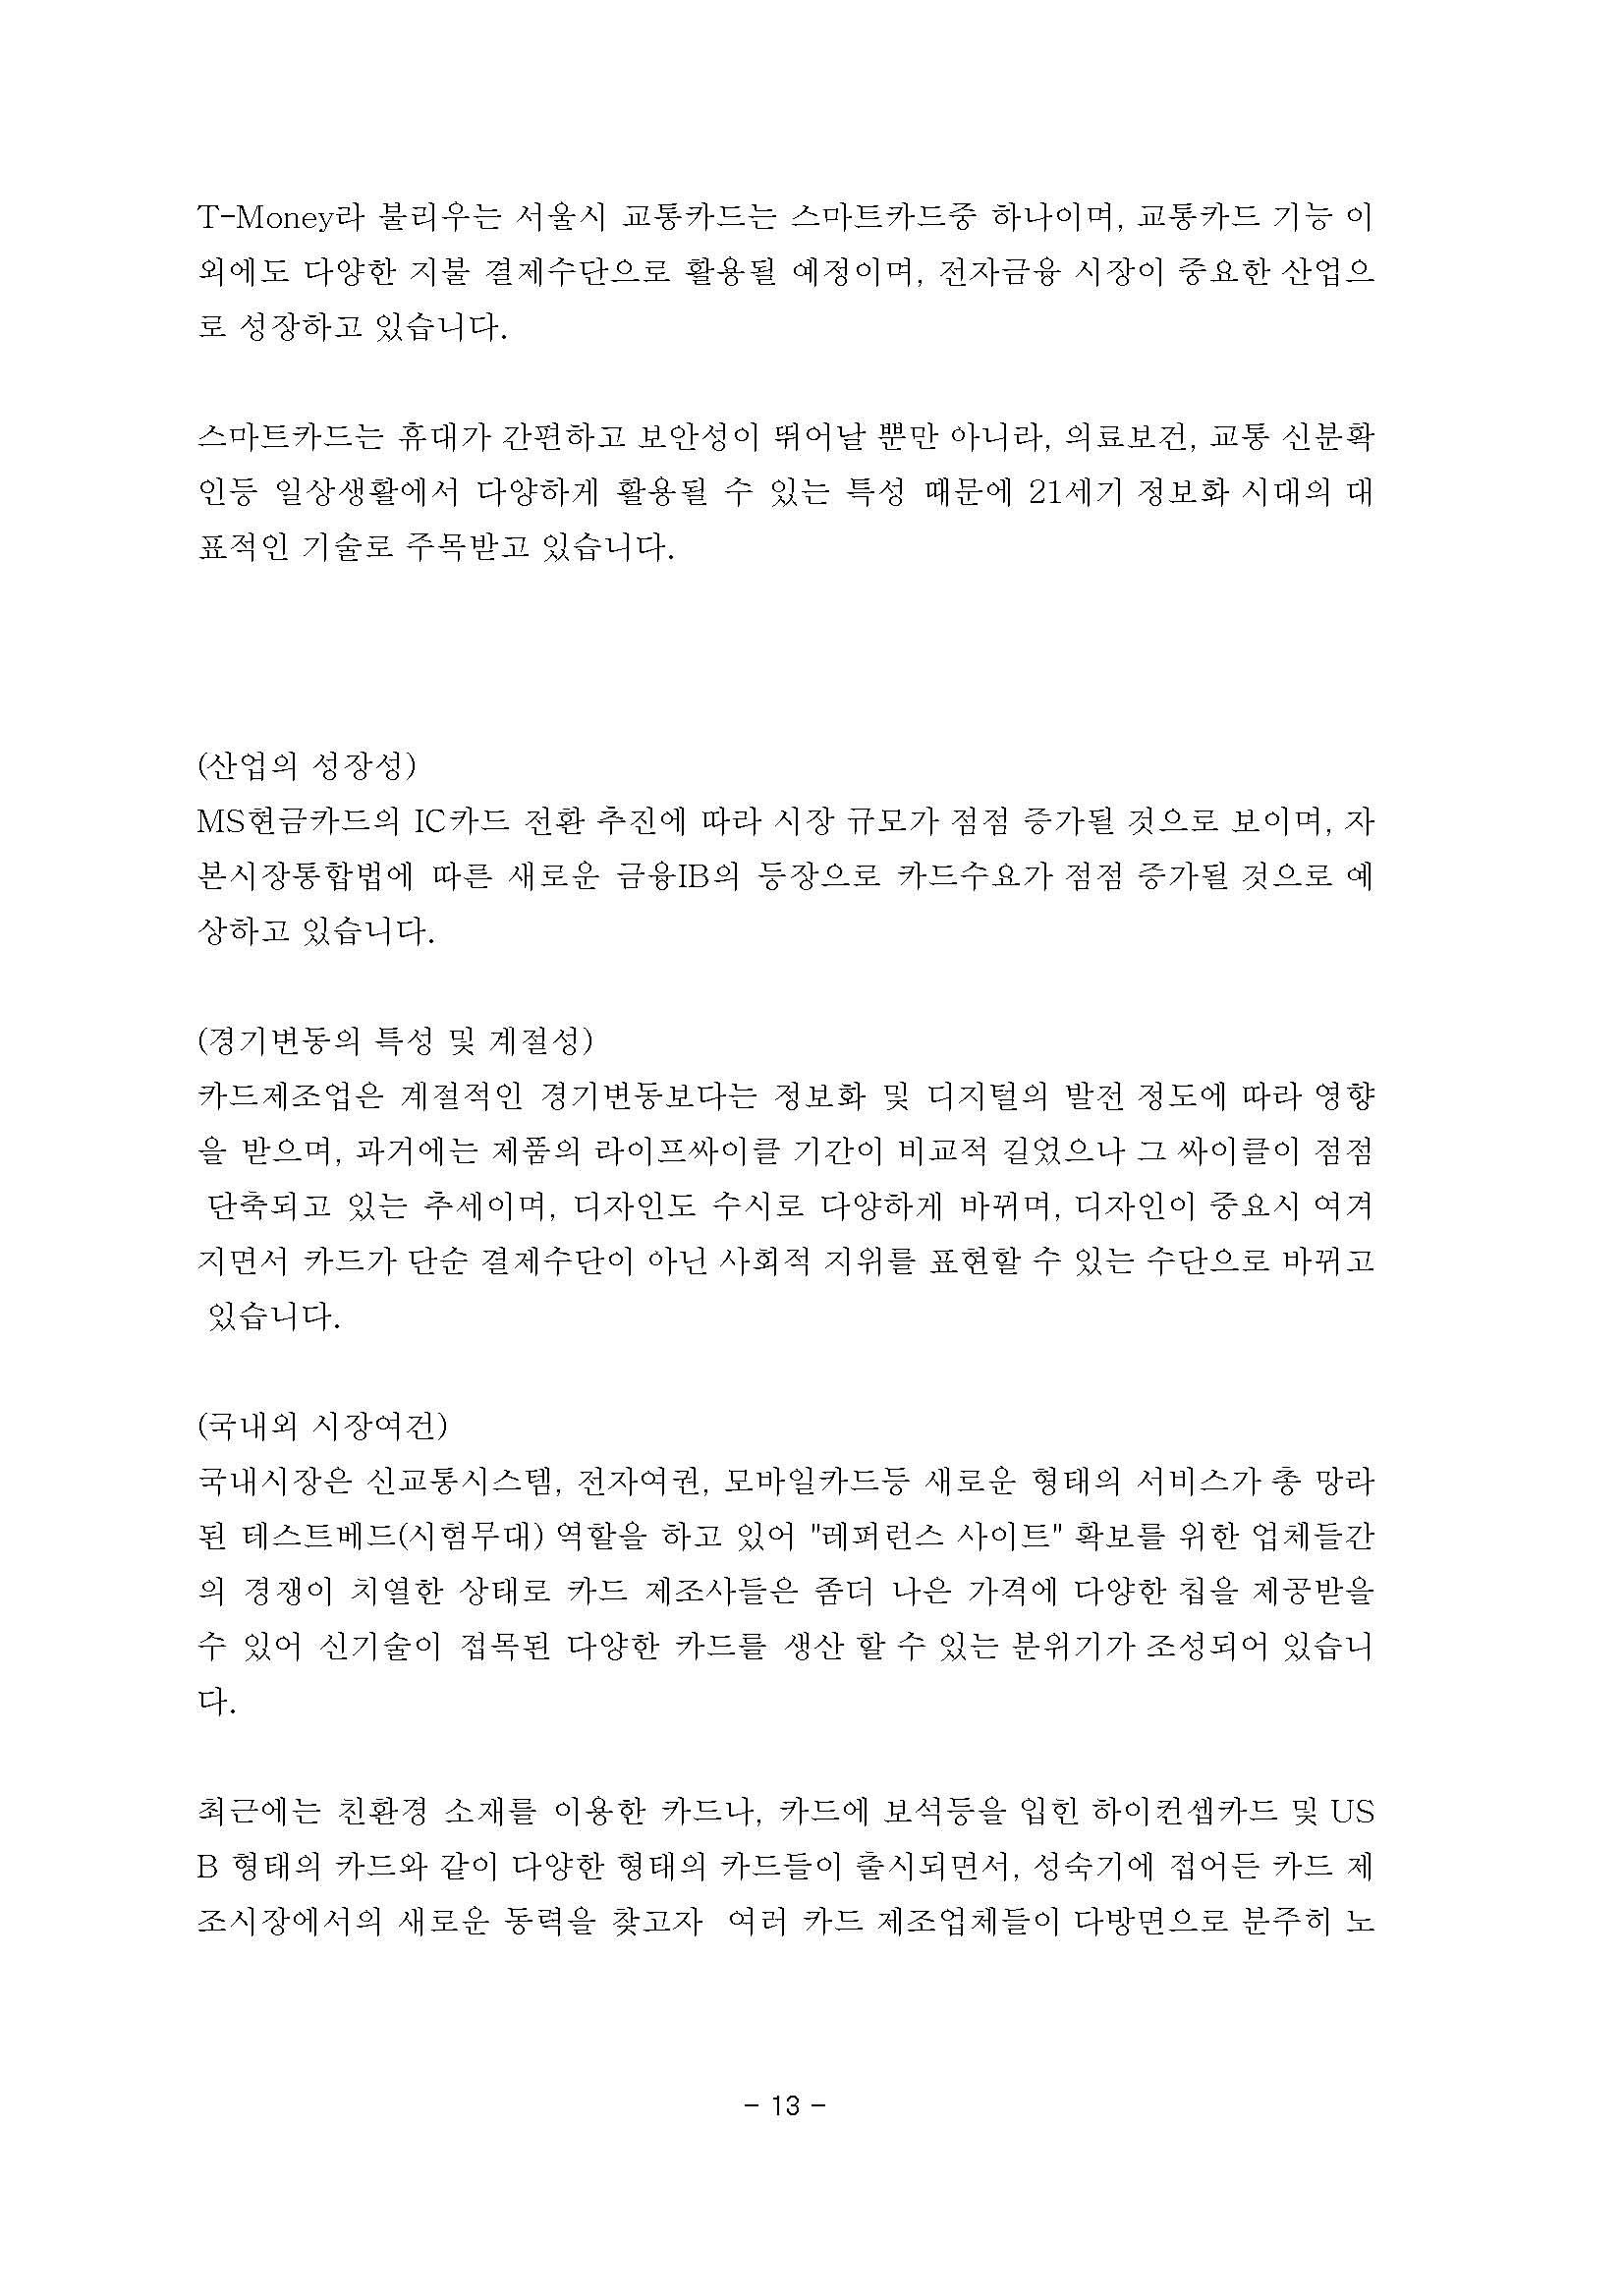 20180309 주주총회 소집공고-옴니시스템_페이지_14.jpg